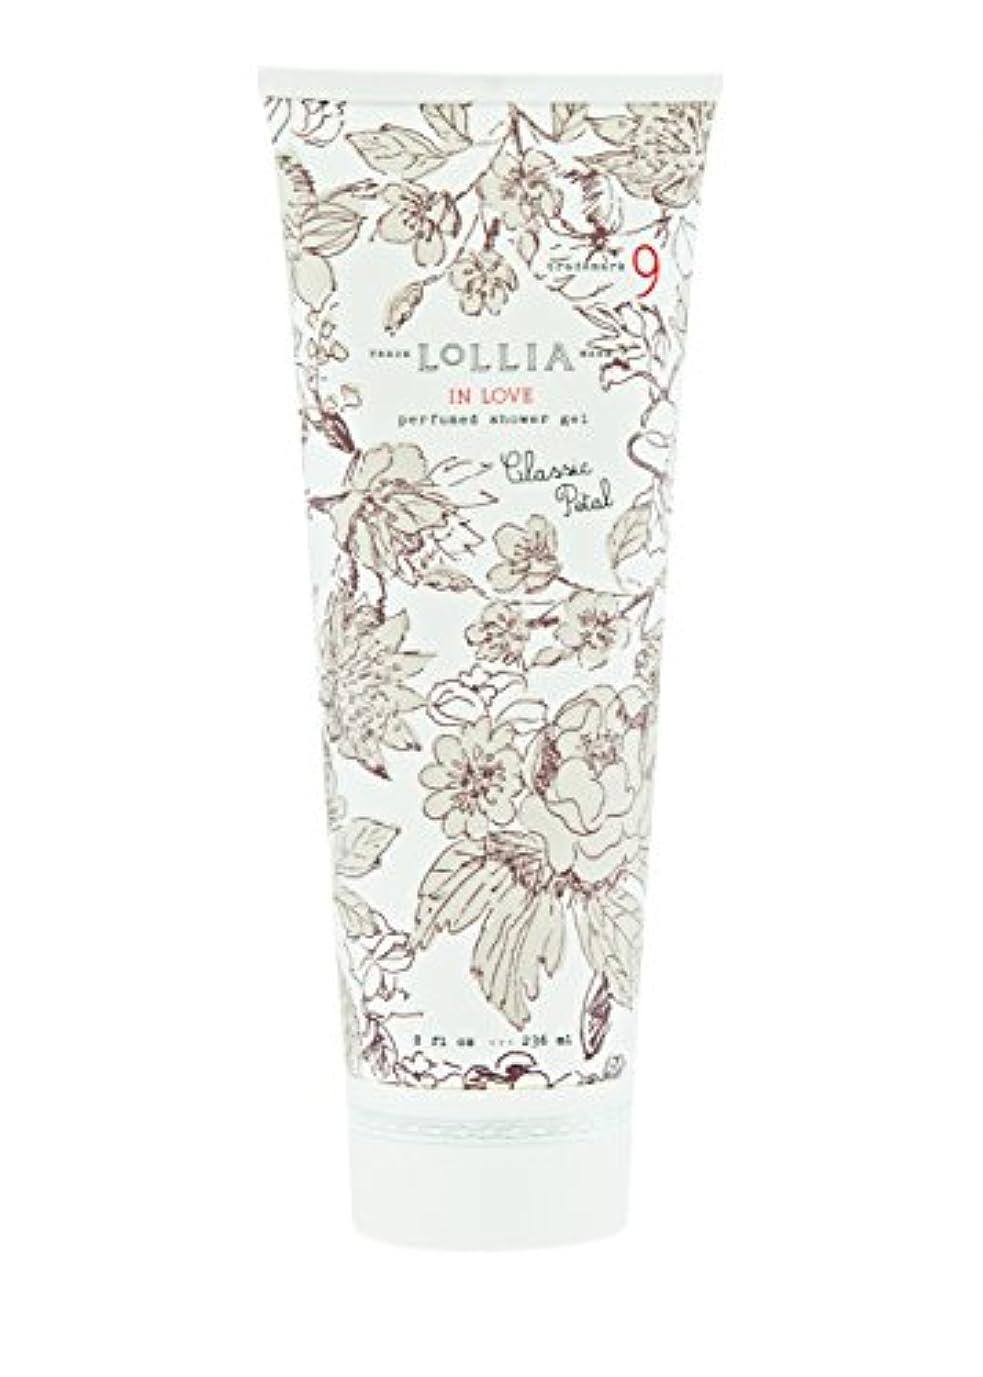 パンわがまま交渉するロリア(LoLLIA) パフュームドシャワージェル InLove 236ml(全身用洗浄料 ボディーソープ アップルブロッサム、ジャスミン、ローズのフルーティで爽やかな香り)